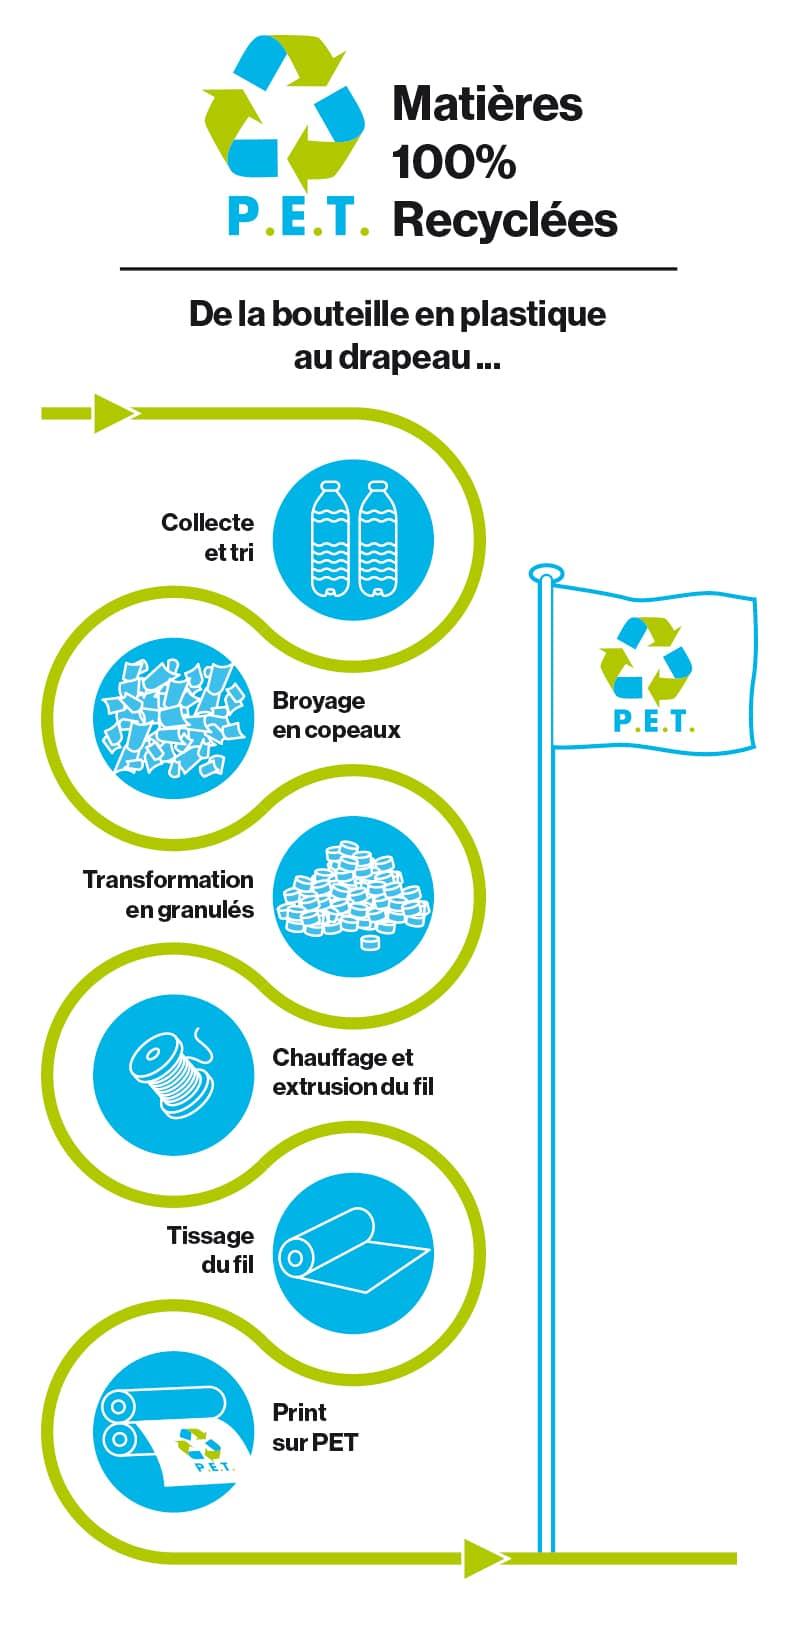 P.E.T. matières 100% recyclées